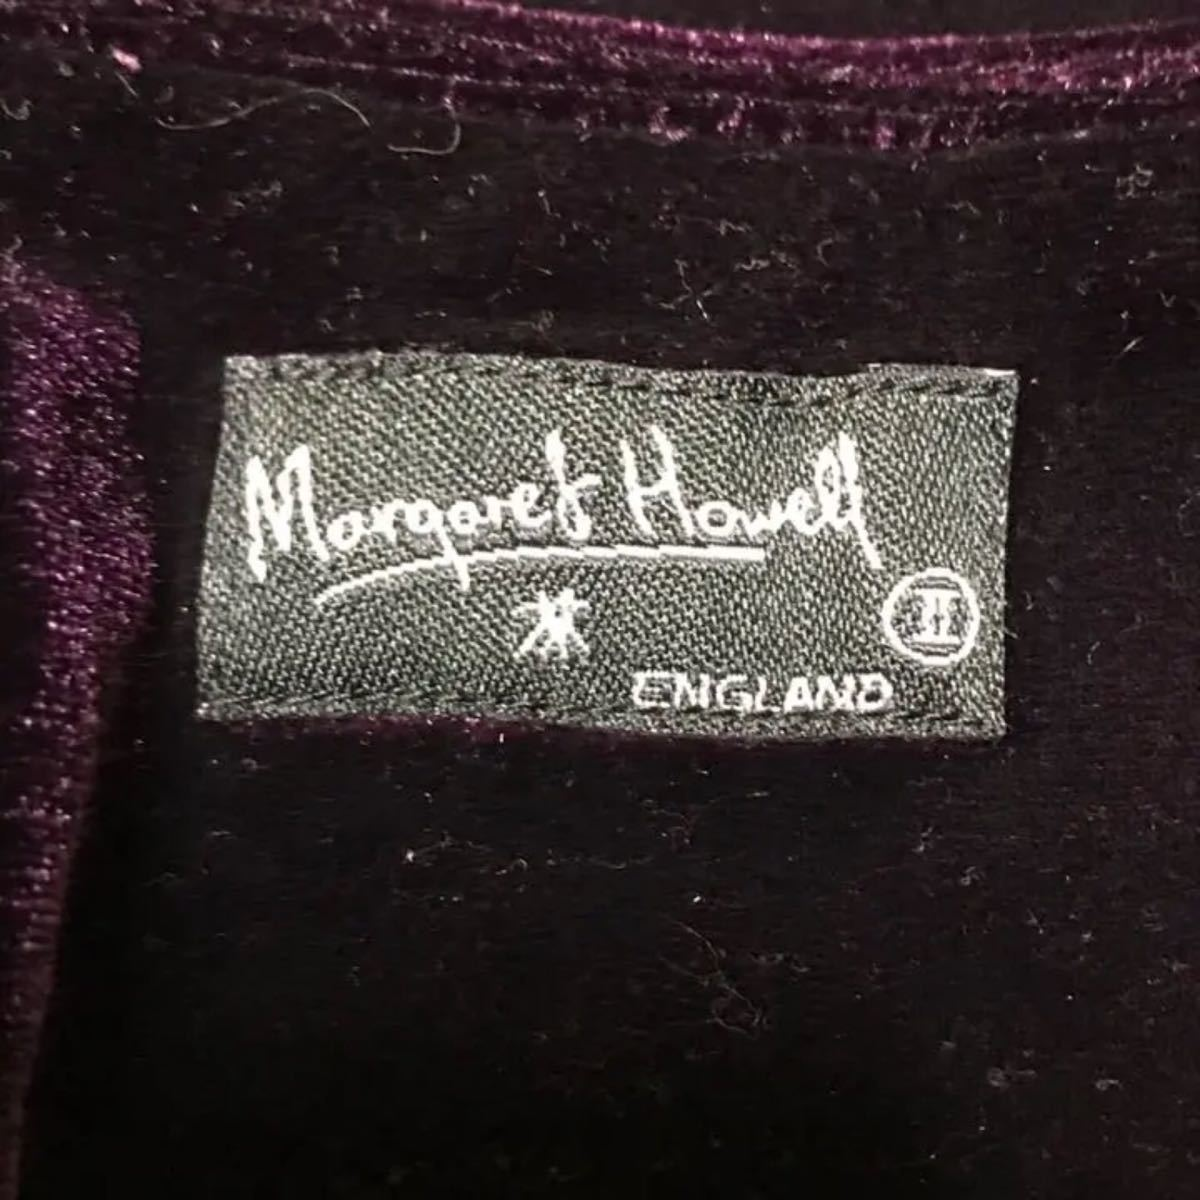 Margaret Howell ベロア生地 スカート 紫 マーガレットハウエル